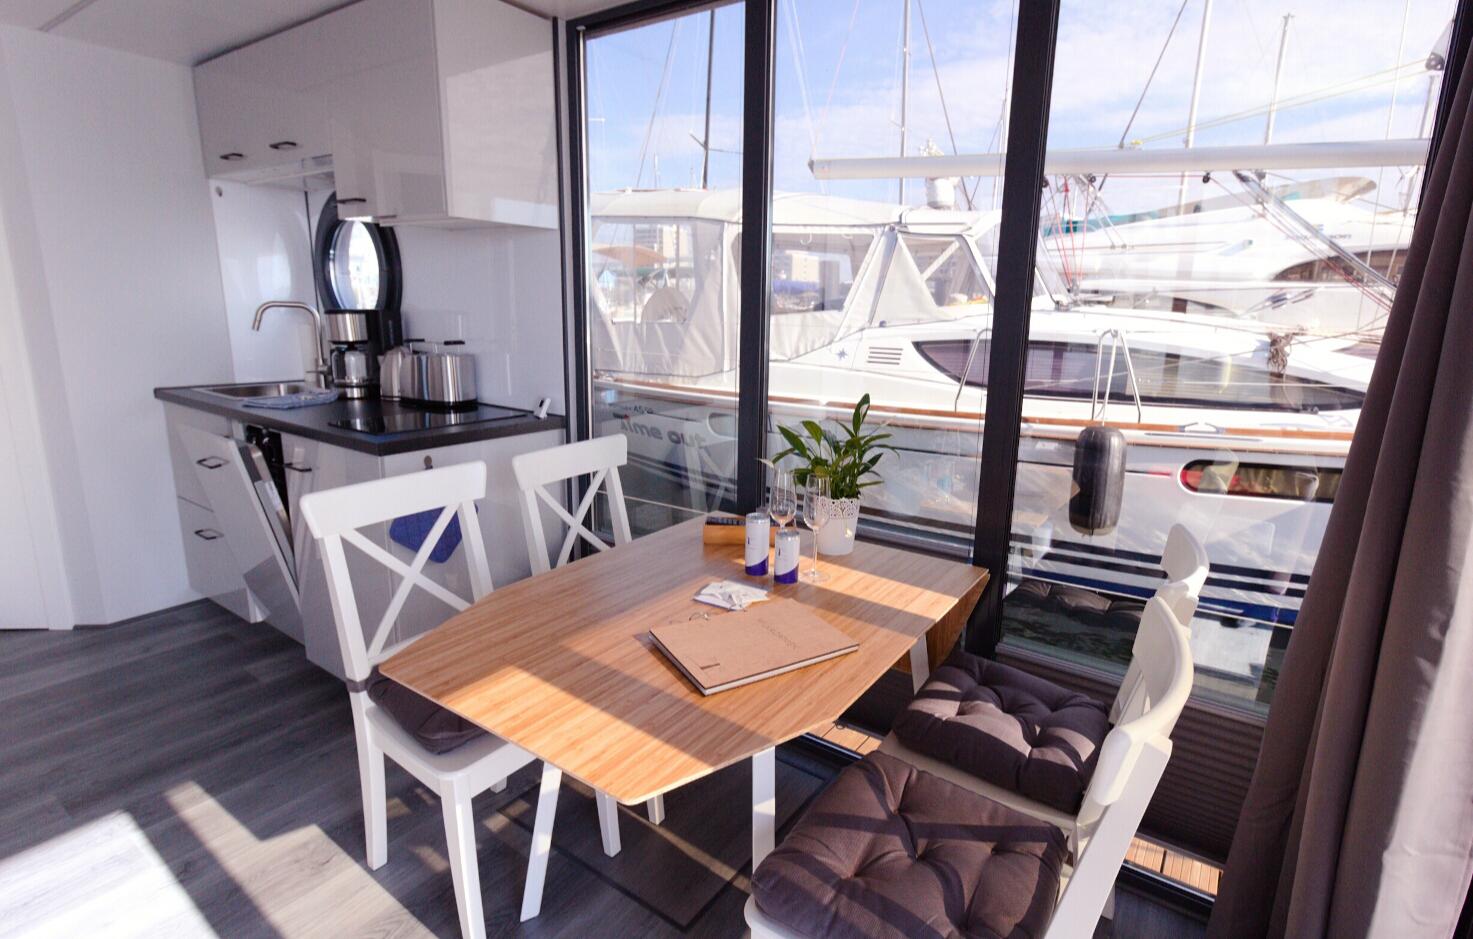 hausboot-uebernachtung-ohne-sauna-3-tage-2-uen-4-personen-bg2